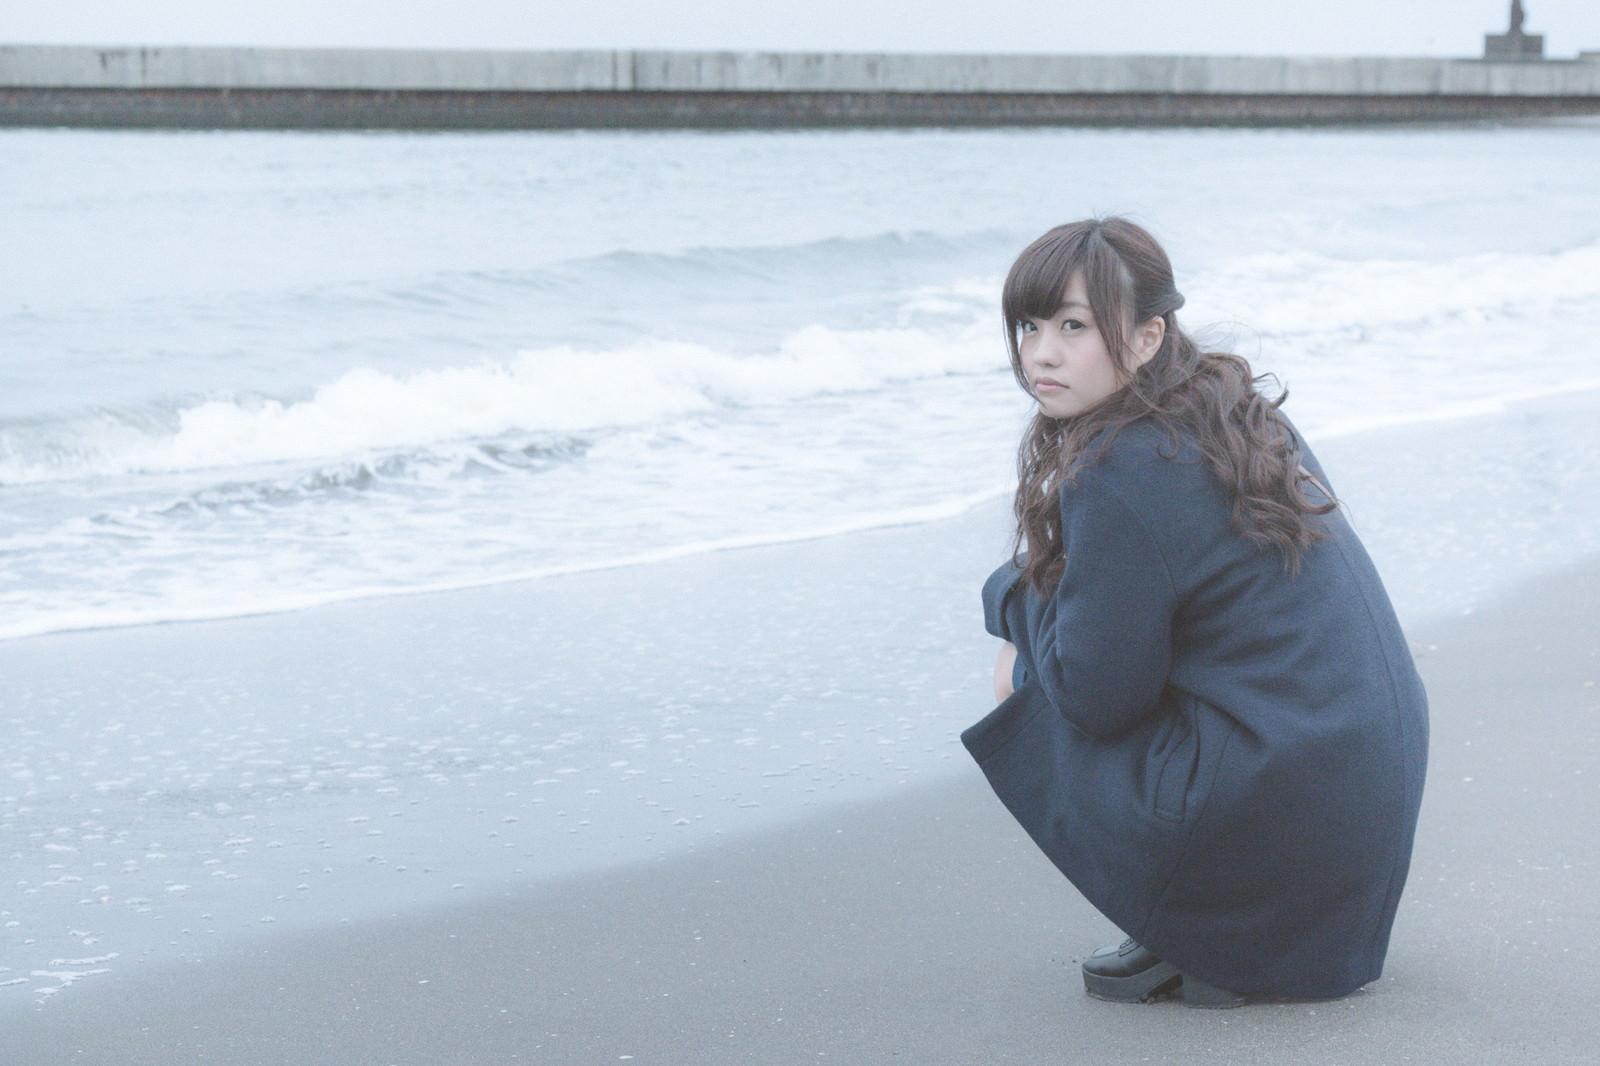 「砂浜でいじける女性砂浜でいじける女性」[モデル:河村友歌]のフリー写真素材を拡大